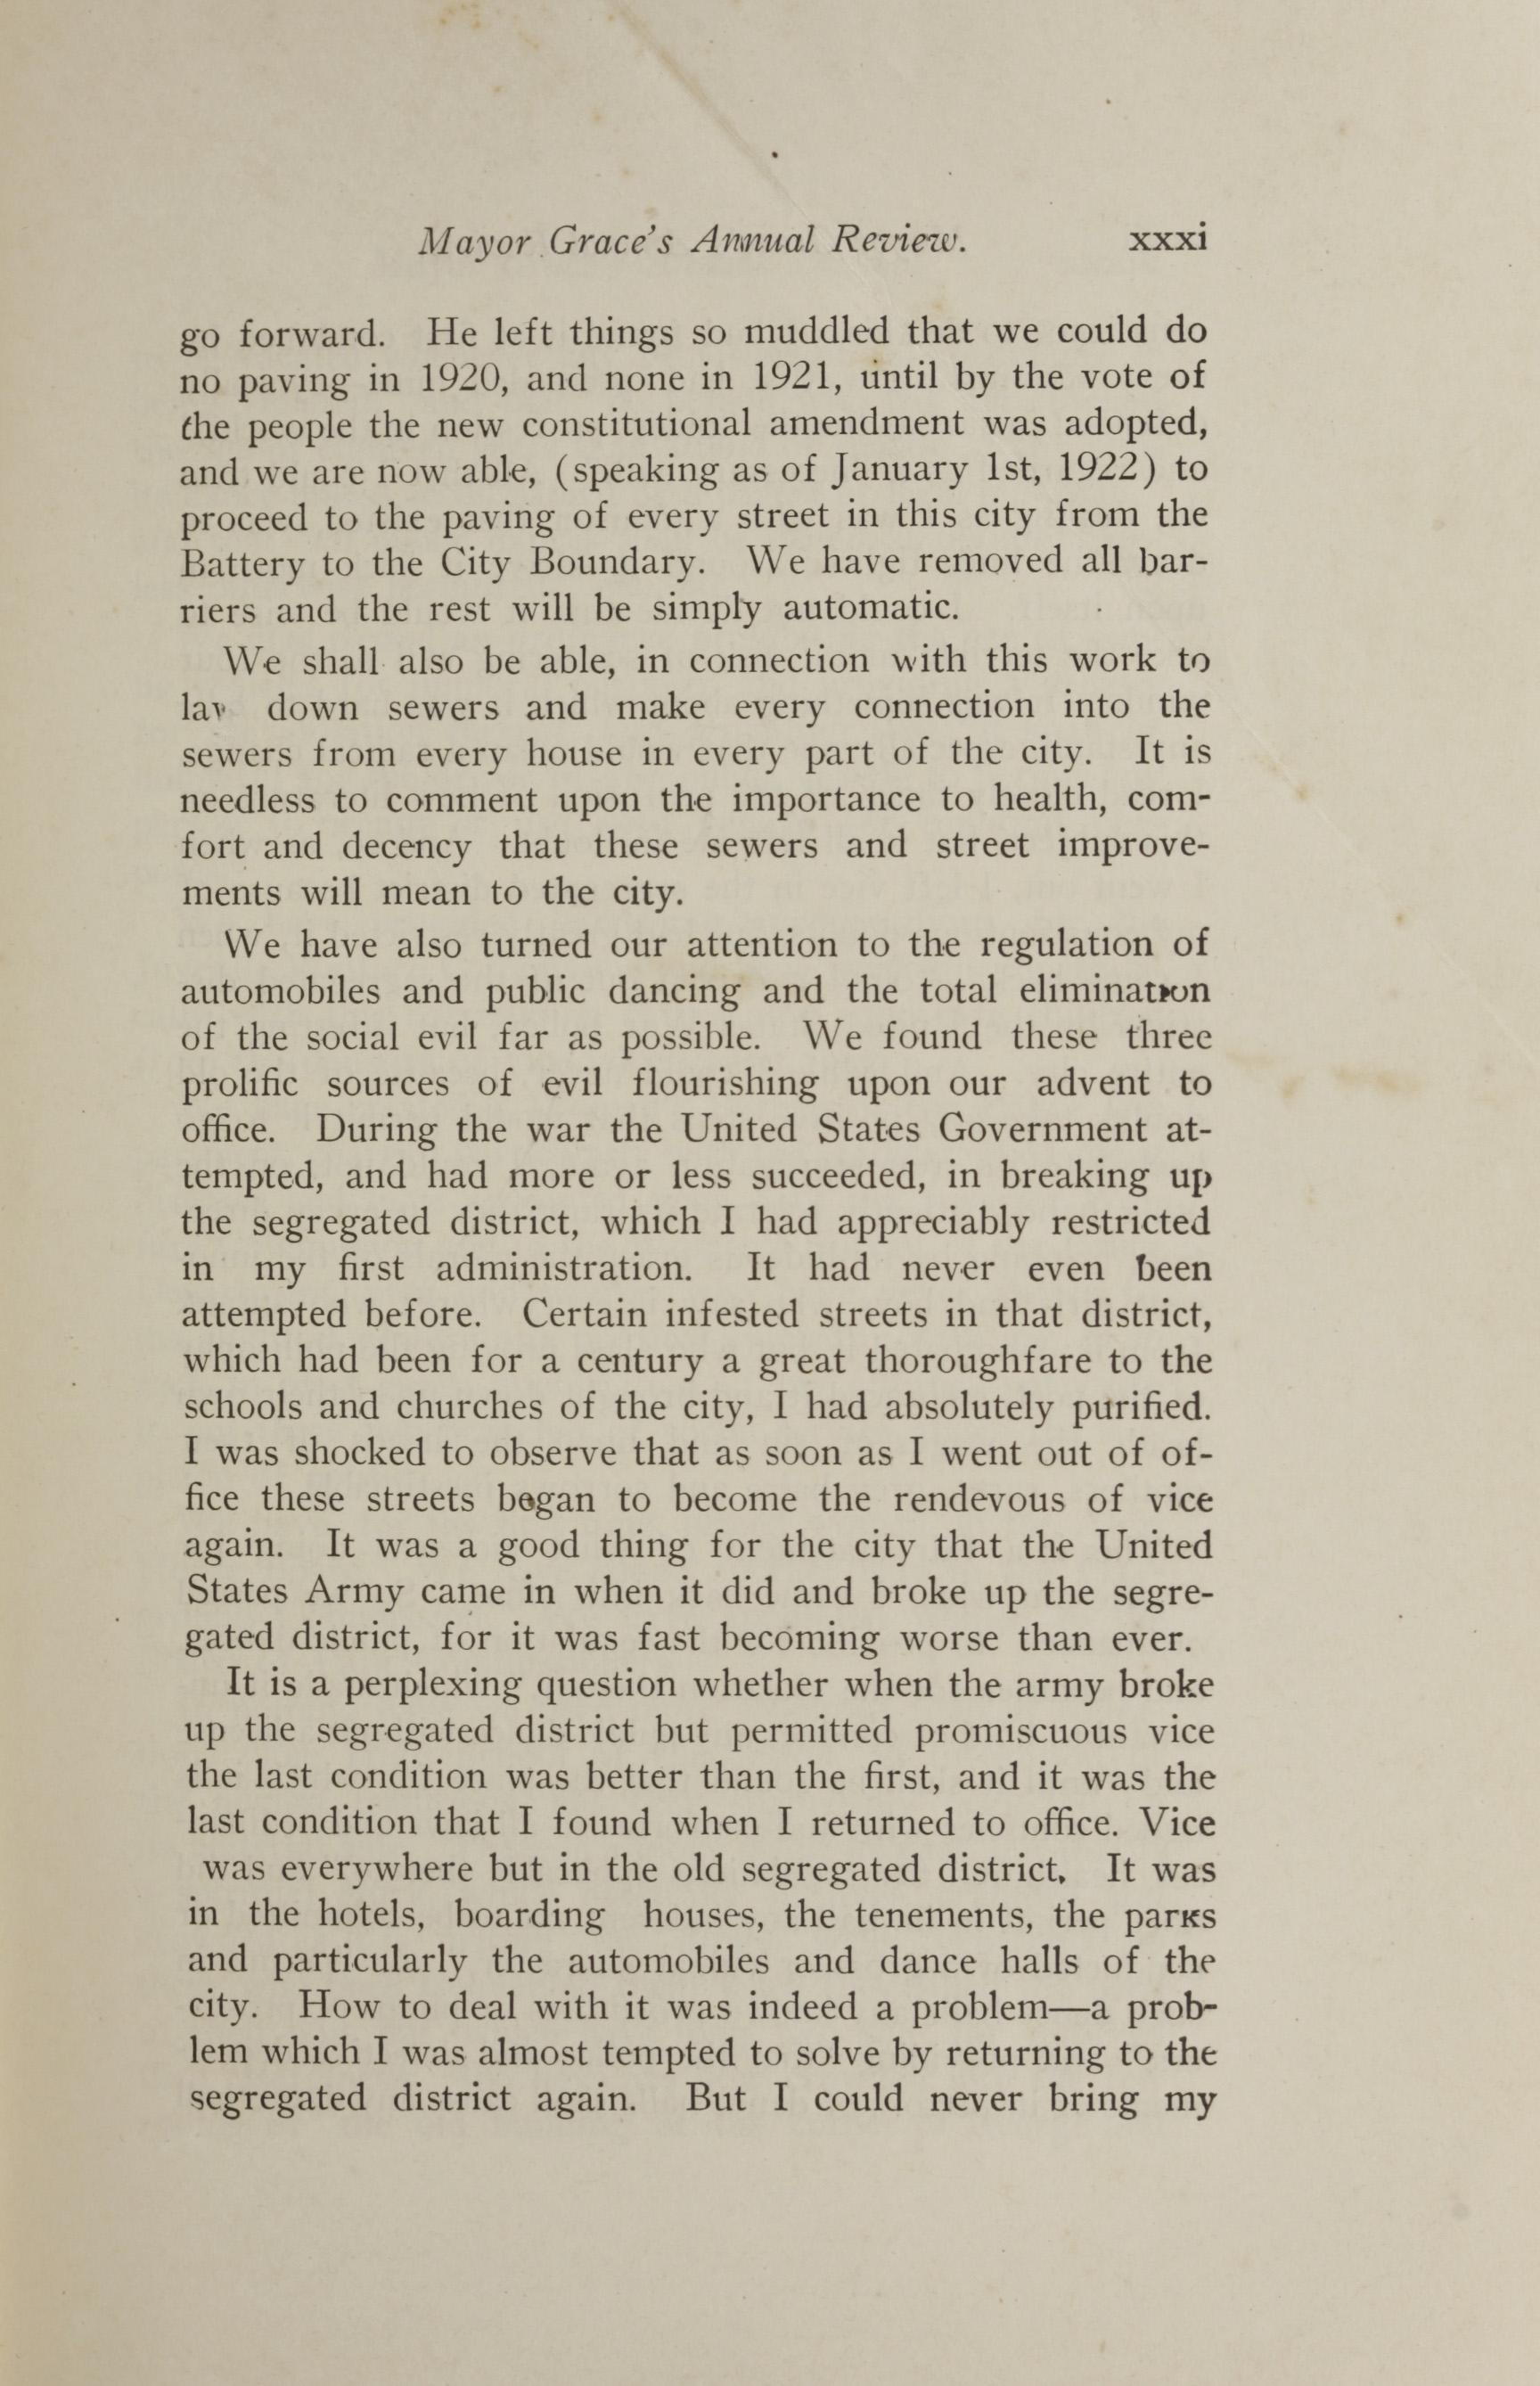 Charleston Yearbook, 1921, page xxxi